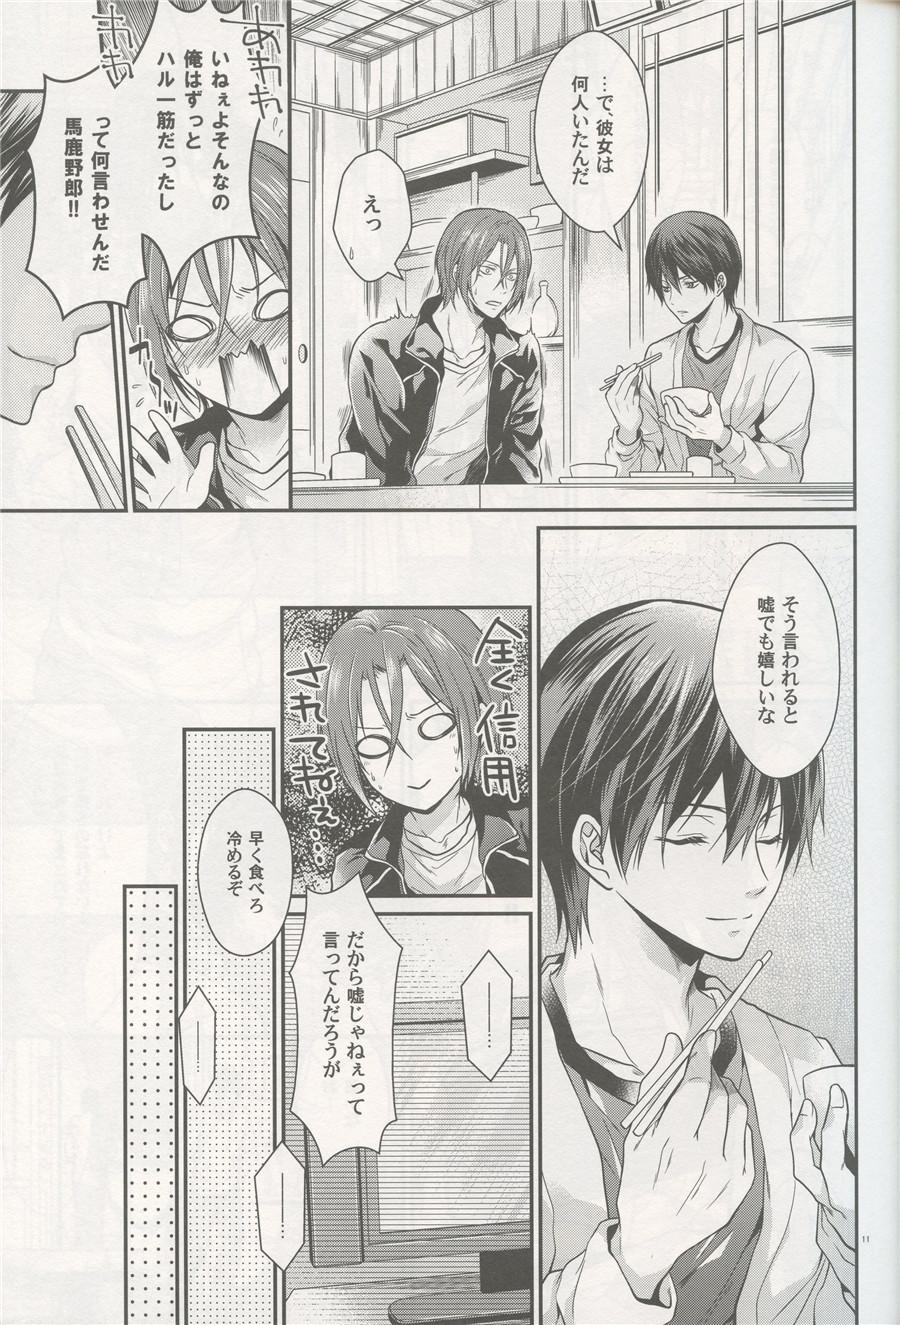 Aitsu no Yome Skill ga Takasugirundaga. 9